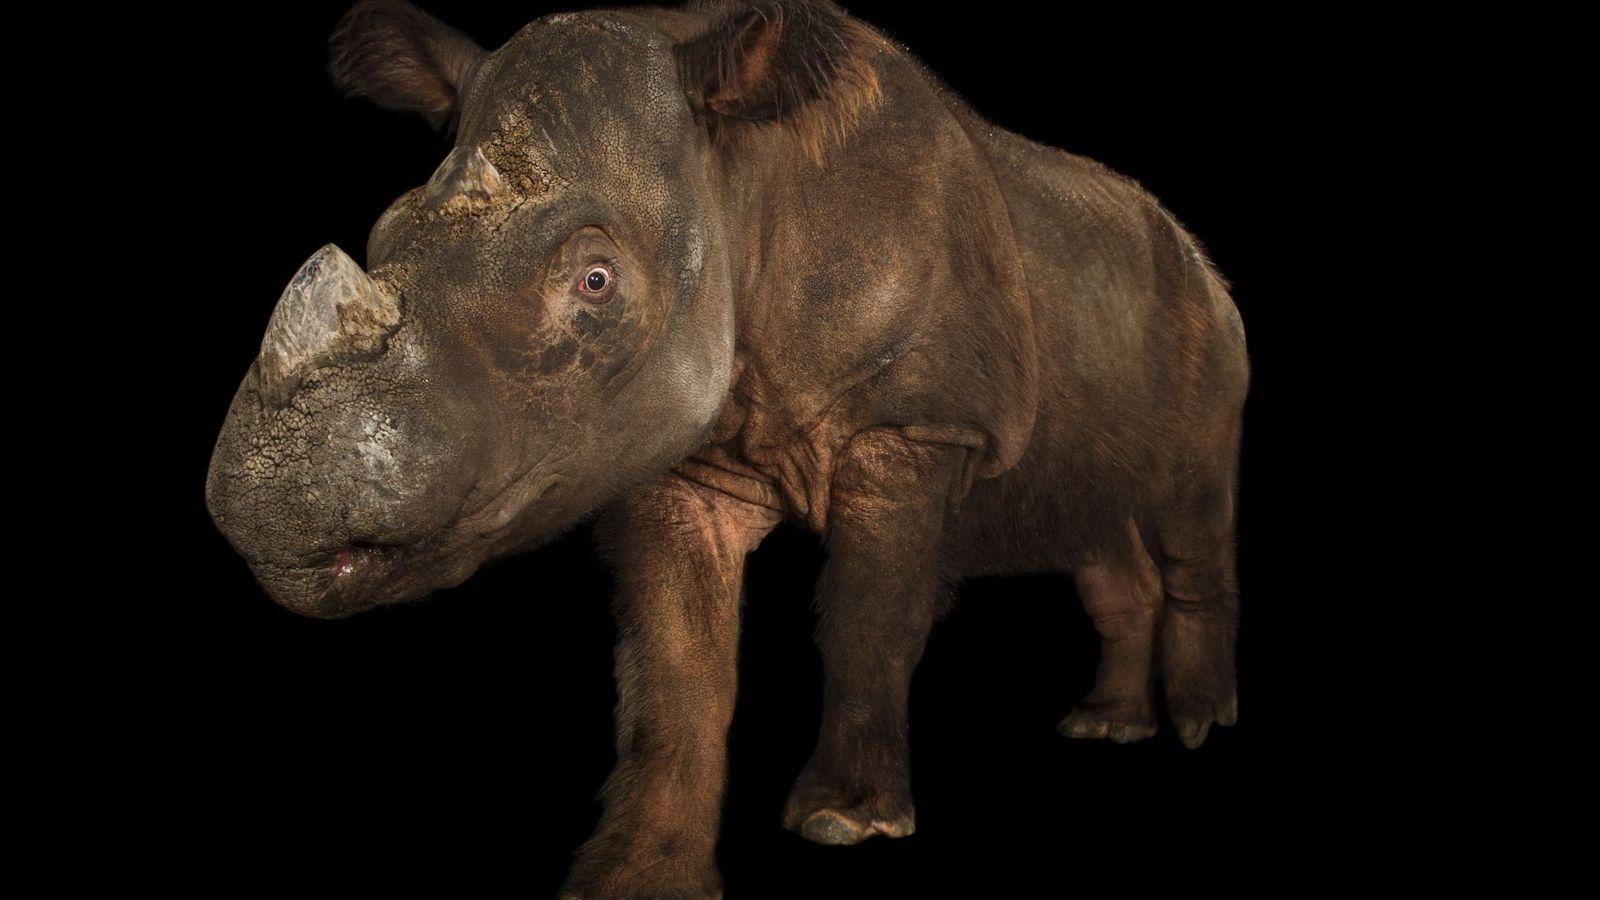 Este rinoceronte-de-sumatra, em grave ameaça de extinção, foi fotografado no Zoológico de Cincinnati, em Ohio. Acredita-se ...